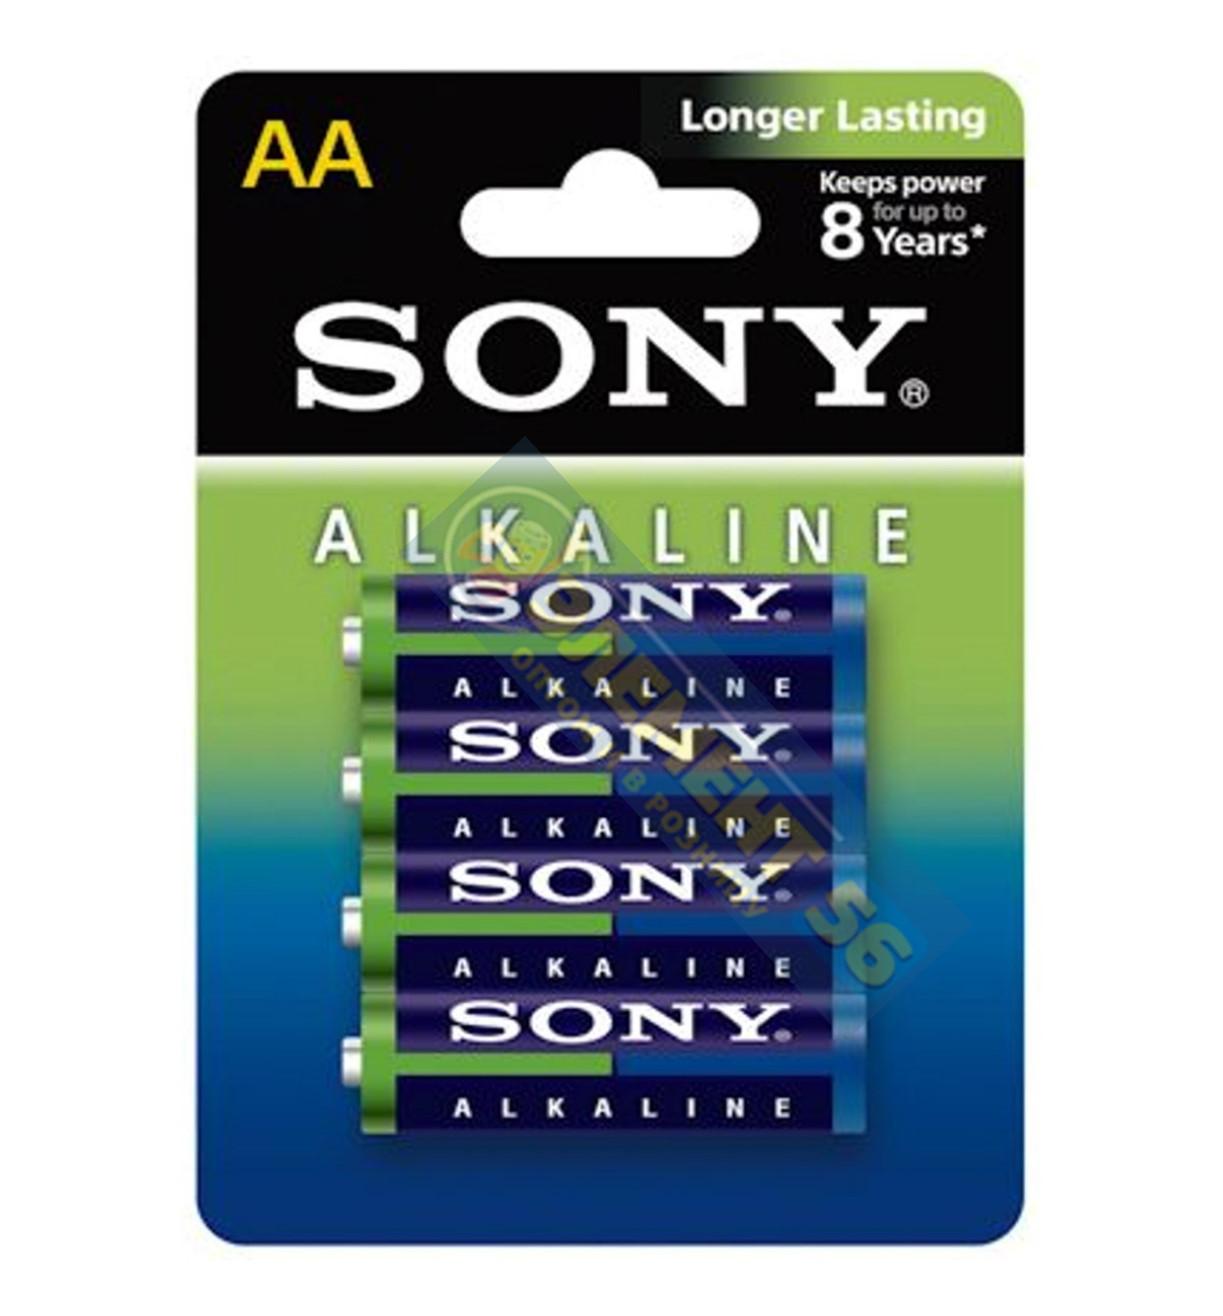 SONY ALKALINE LONGER LASTING LR6, AA, MN1500, А316 4BL (4) (48) (192)